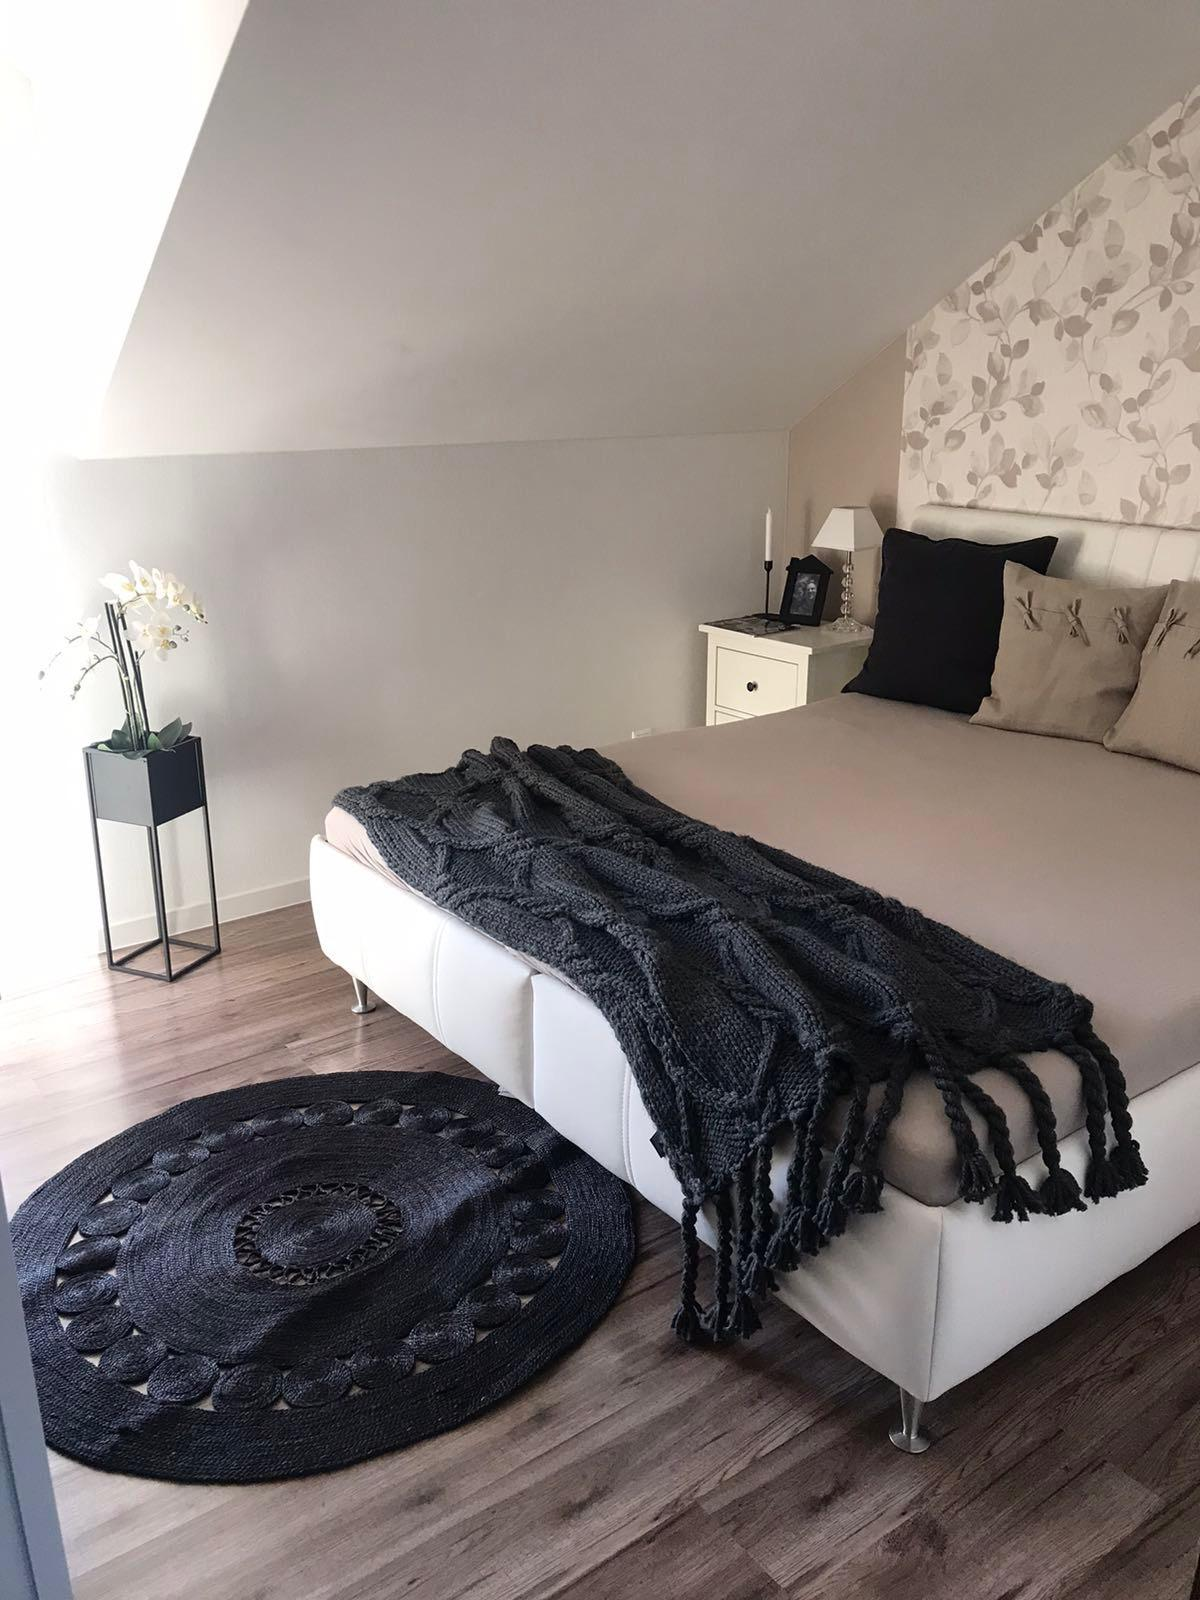 Začiatok 3. roku bývania vo vytúženom domčeku - Stačí vymeniť koberček, deku, vankúše a pár dekorácii a hneď vypadá spálňa ináč😉